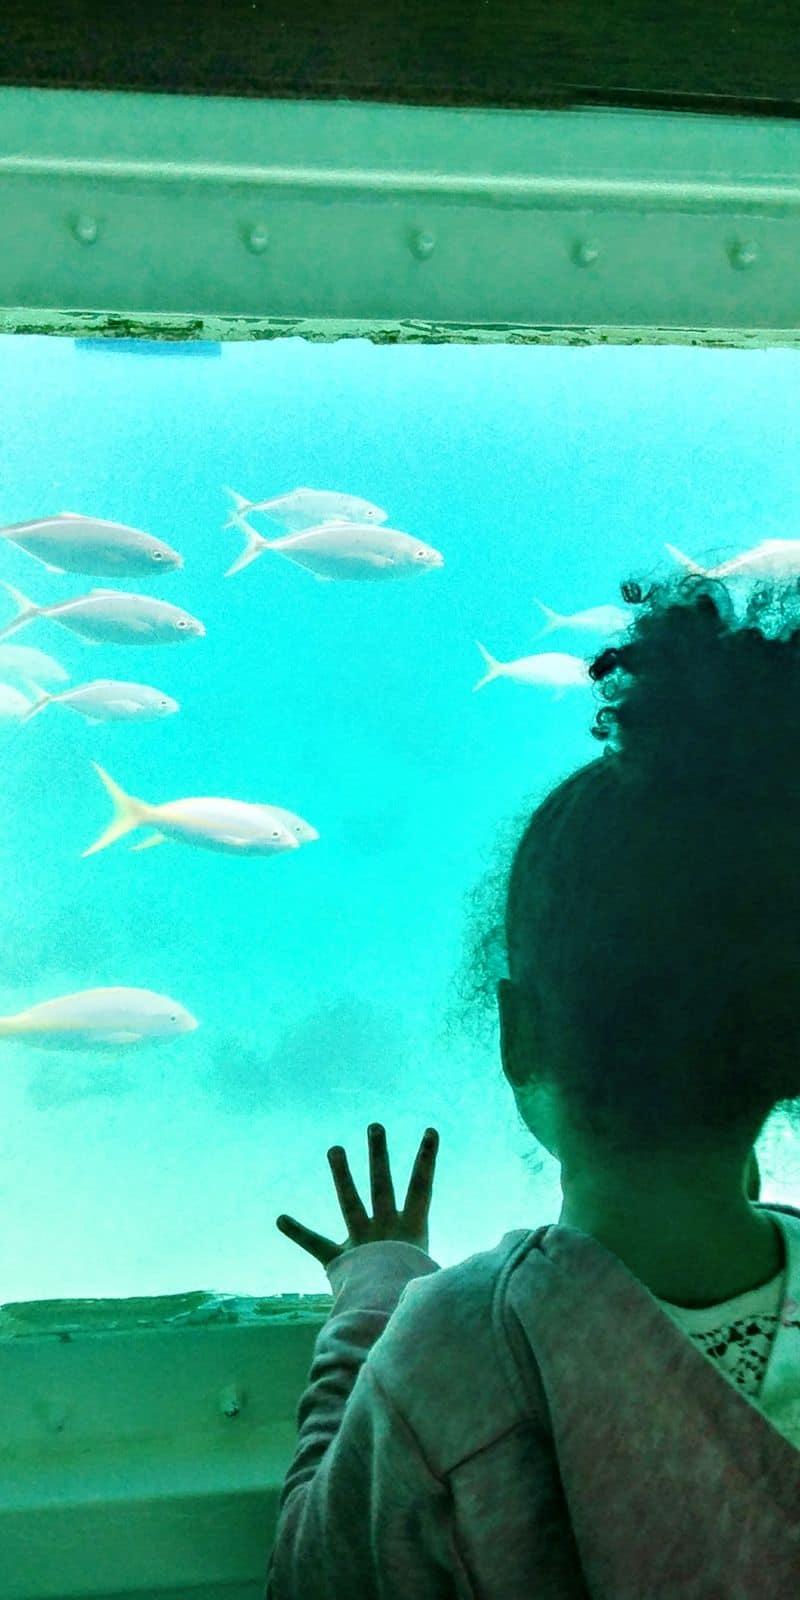 À la découverte des poissons!